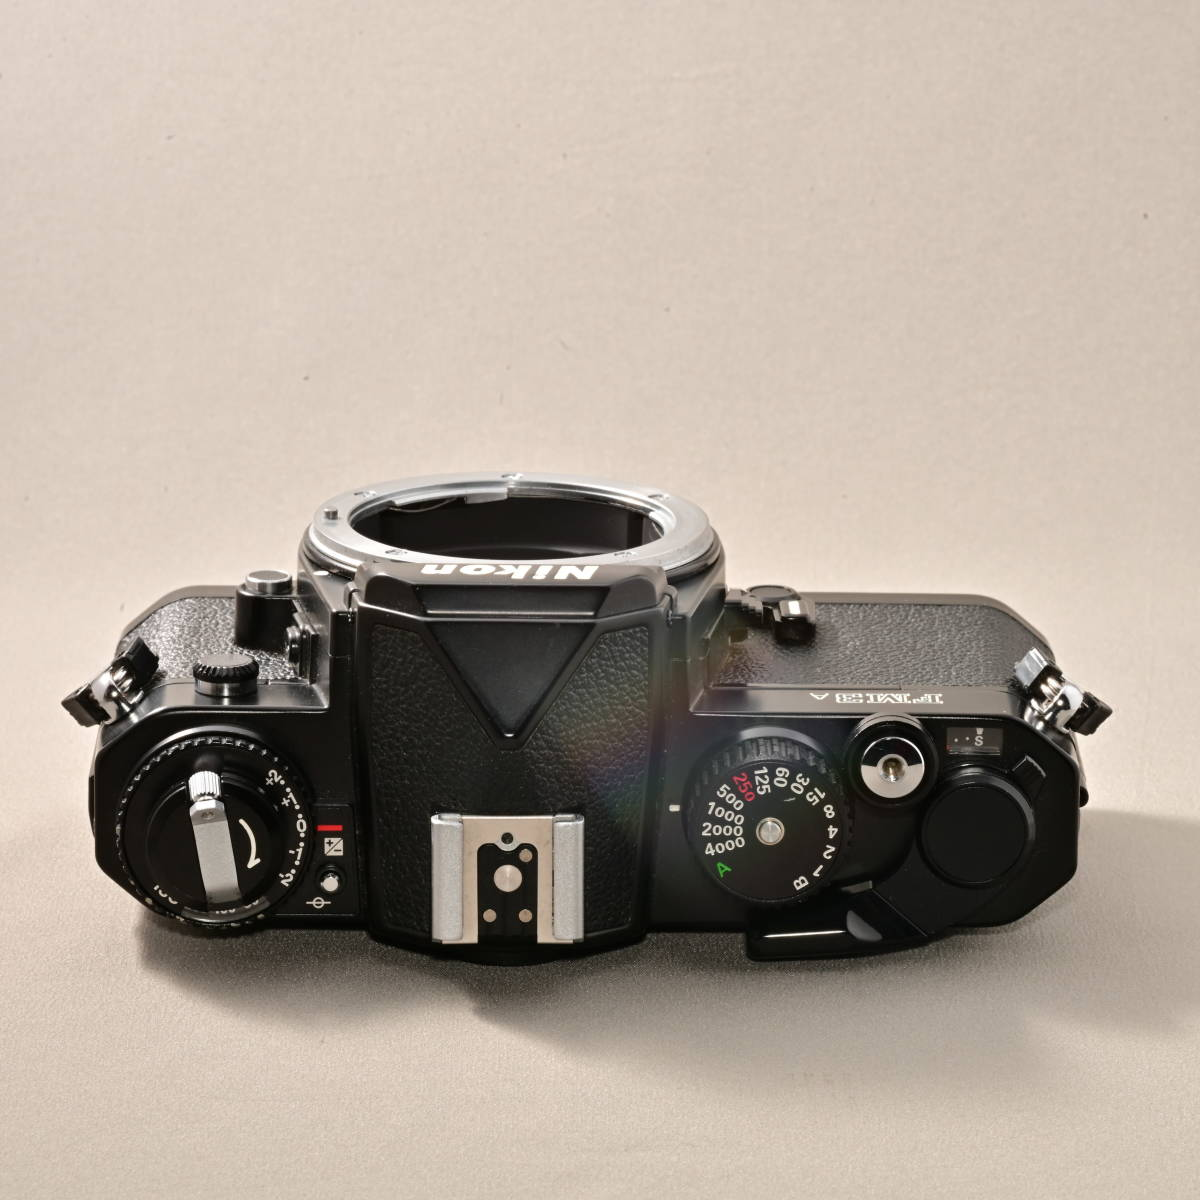 ニコン NIKON FM3A + NIKKOR 45mm F2.8P_画像7